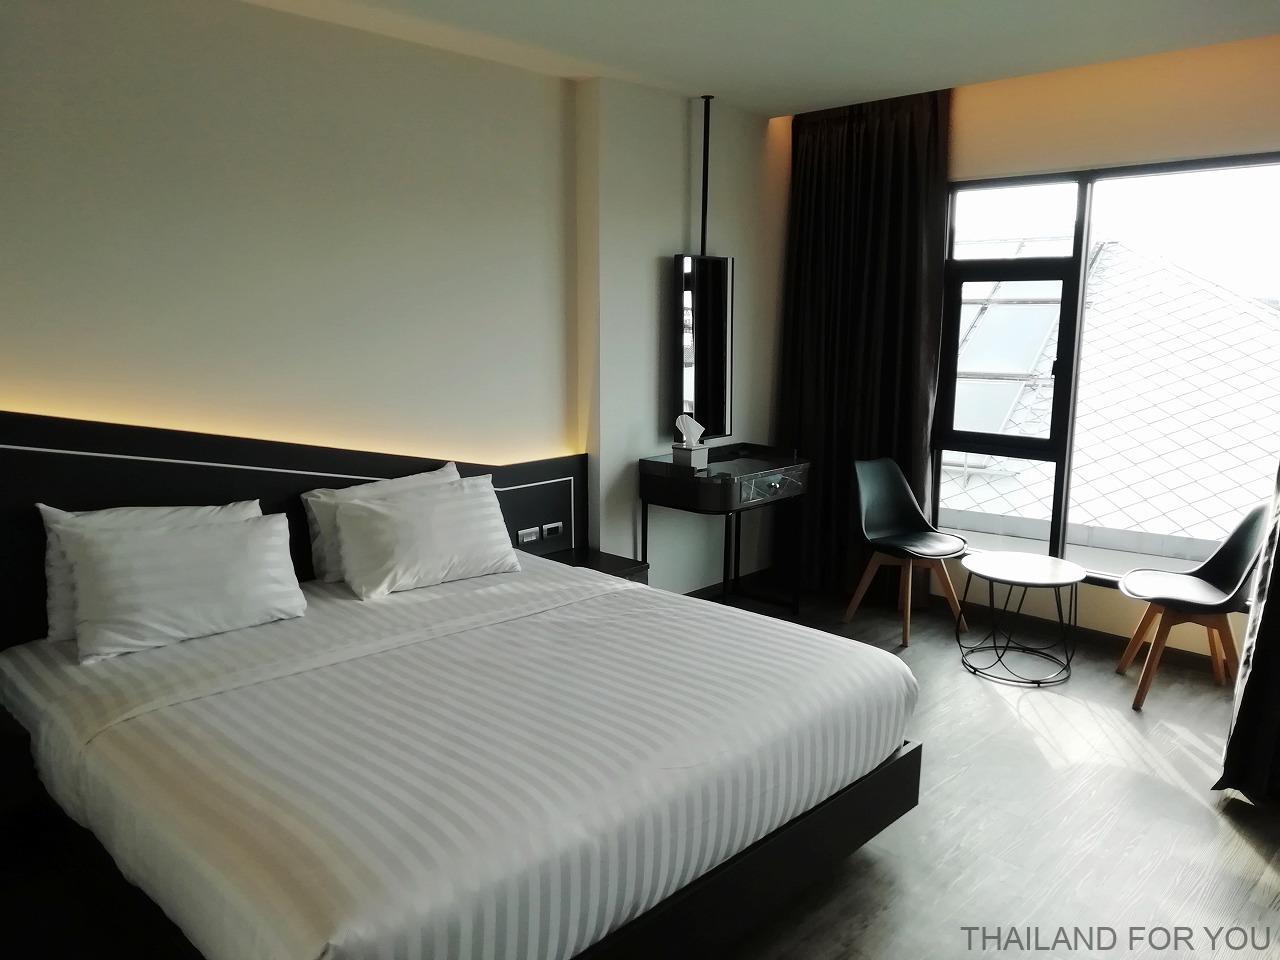 スリープウイズミーパタヤ Sleep with me Pattaya